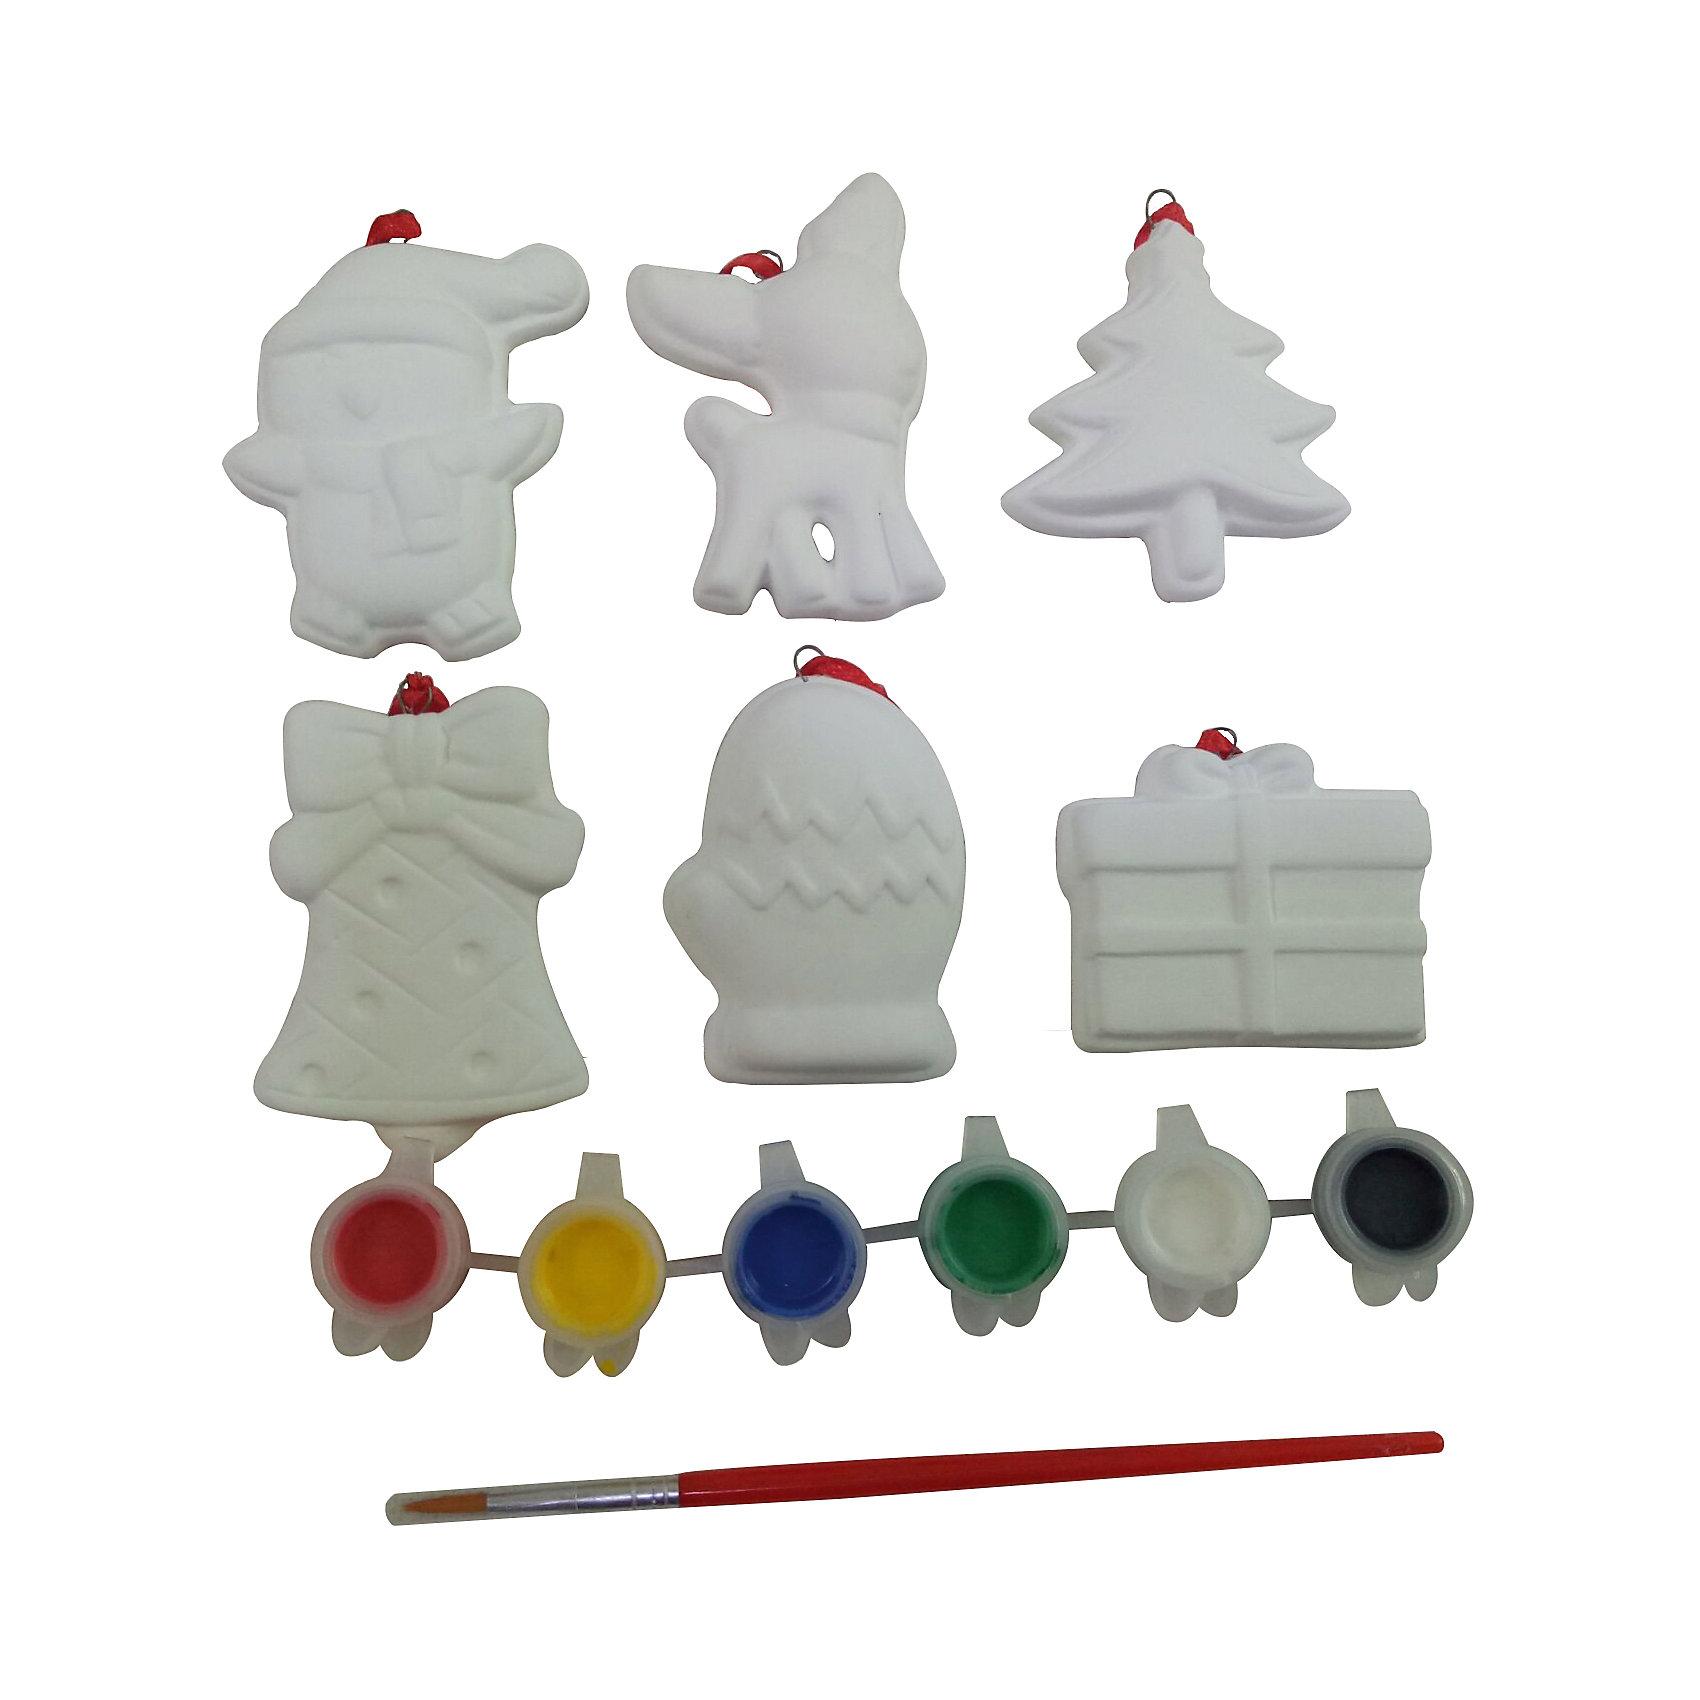 Набор для творчества Ёлочные украшения 6 фигурокНабор для творчества – создание оригинального подарка своими руками. В комплекте есть всё необходимое для росписи керамических фигурок : 6 фигурок и 6 разноцветных красок с кисточкой.<br><br>Ширина мм: 190<br>Глубина мм: 30<br>Высота мм: 260<br>Вес г: 254<br>Возраст от месяцев: 60<br>Возраст до месяцев: 1188<br>Пол: Унисекс<br>Возраст: Детский<br>SKU: 5124548